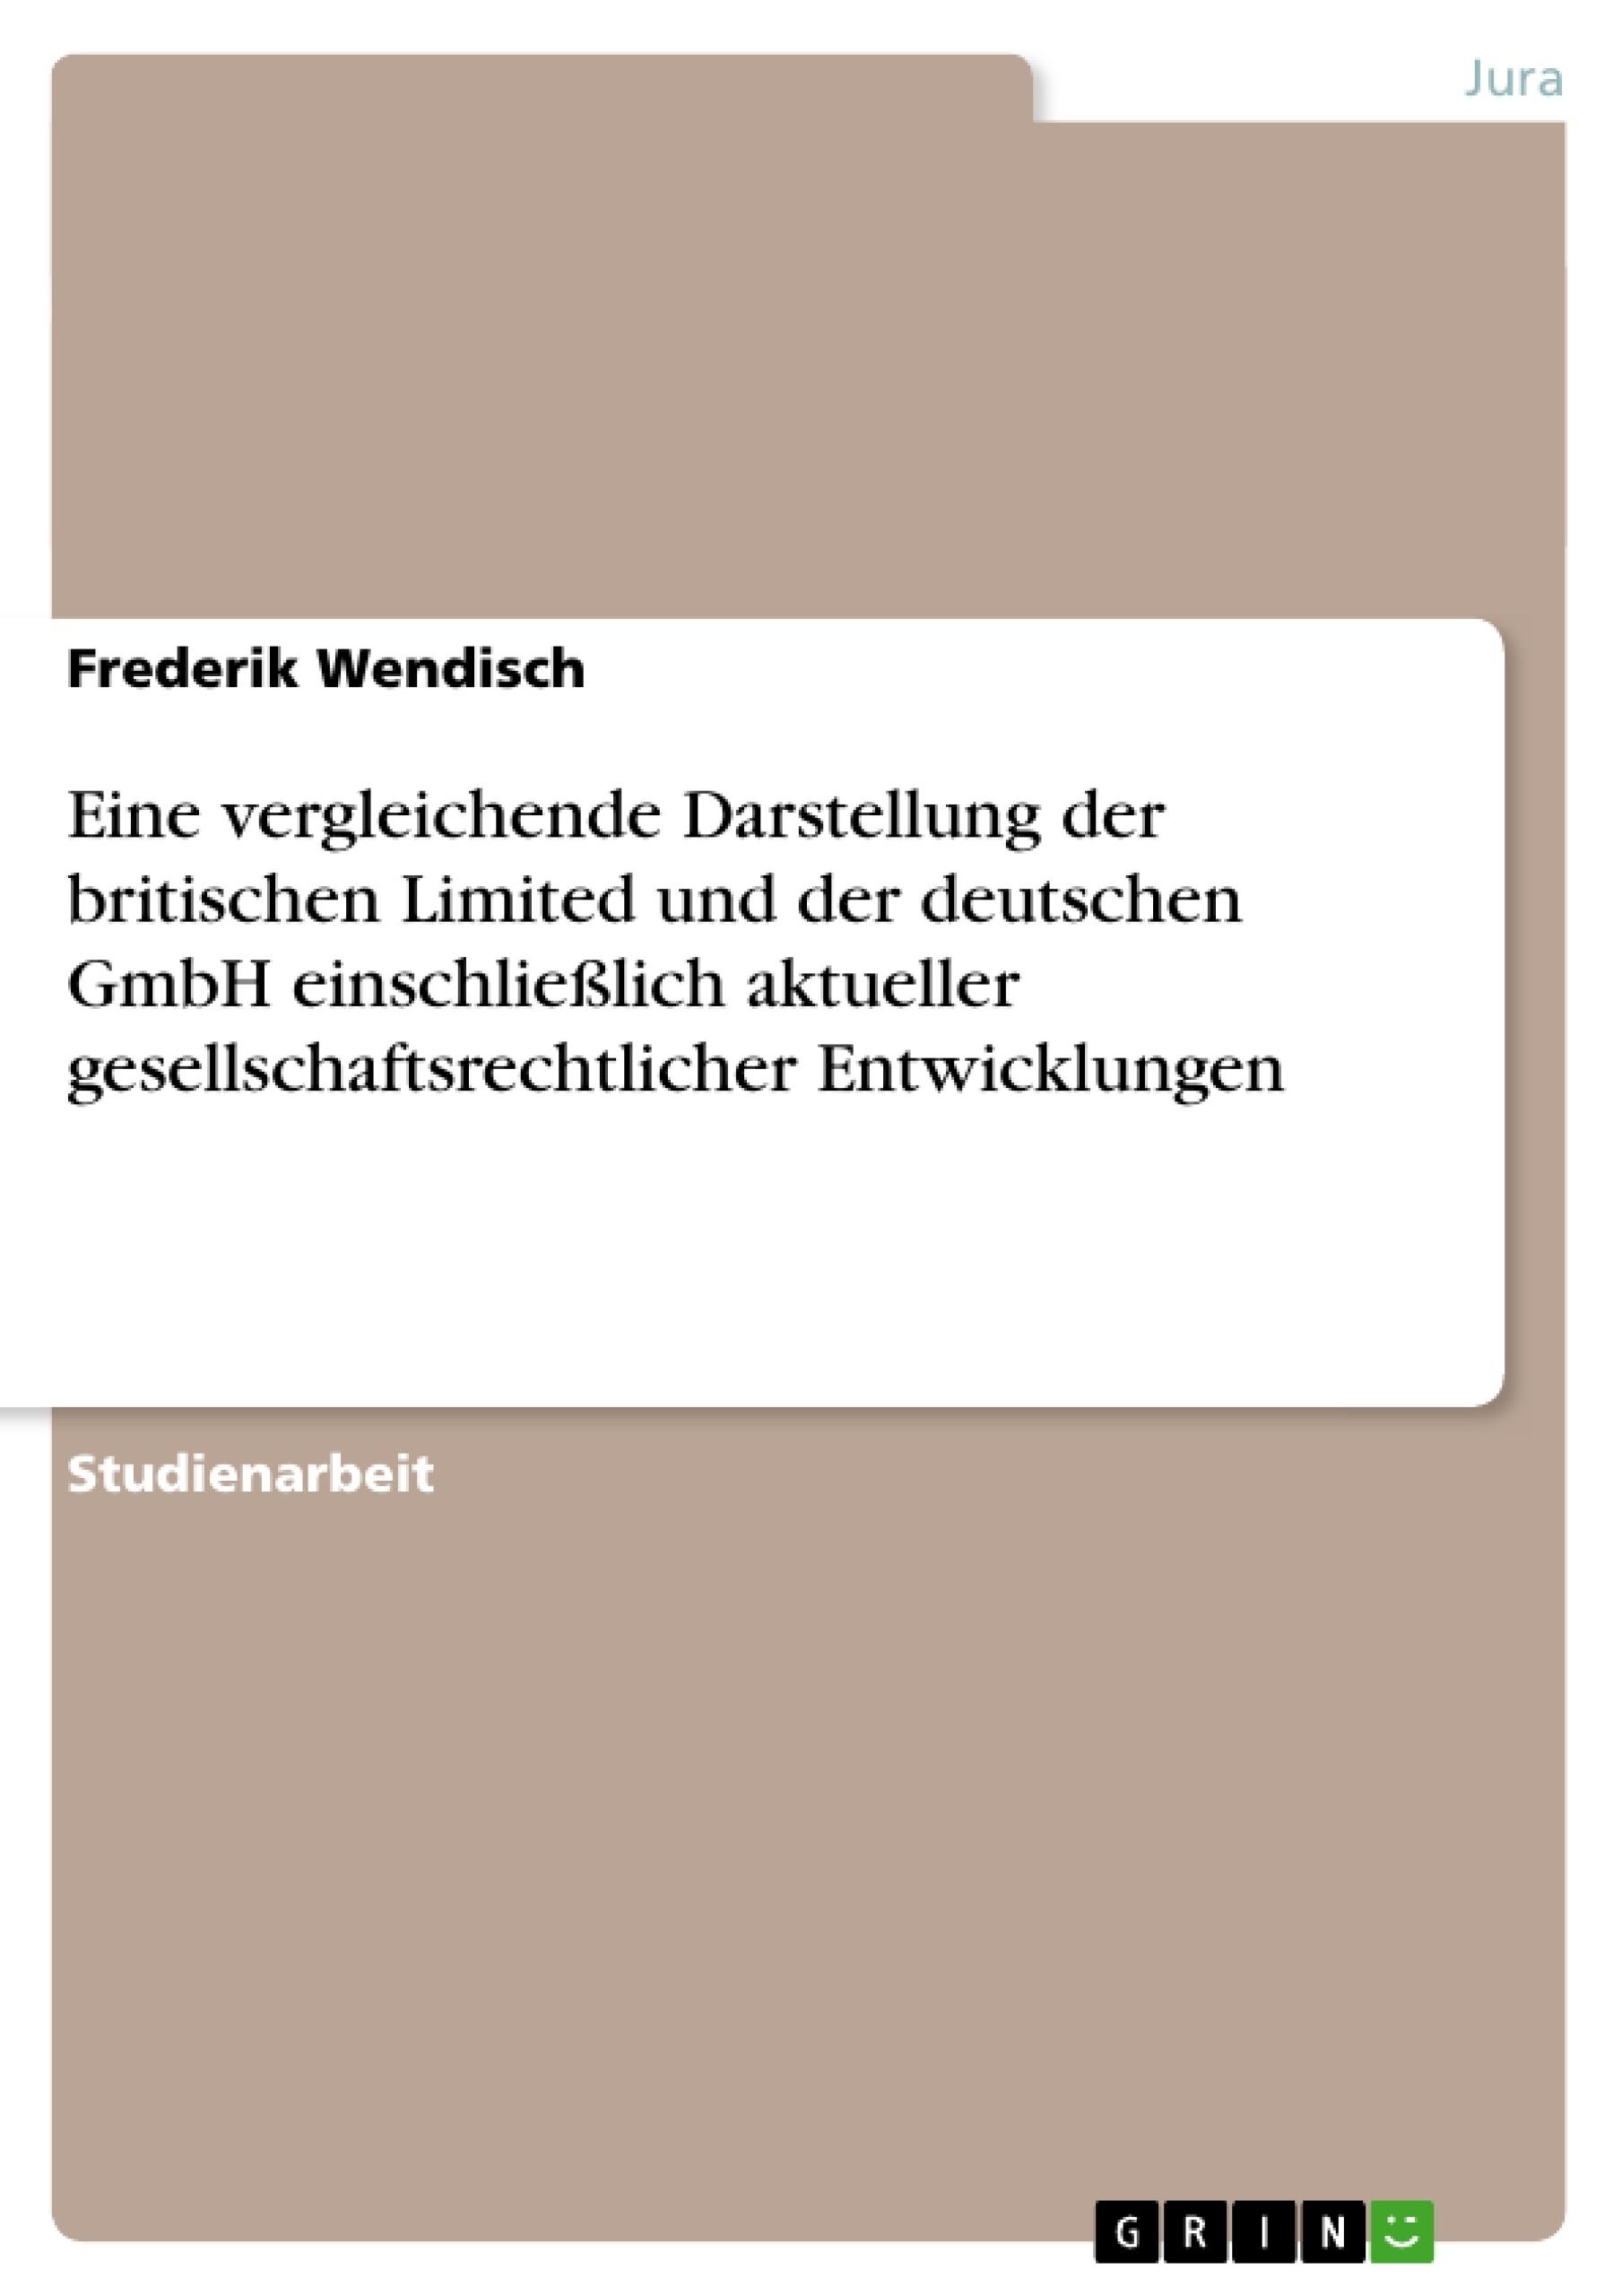 Titel: Eine vergleichende Darstellung der britischen Limited und der deutschen GmbH einschließlich aktueller gesellschaftsrechtlicher Entwicklungen